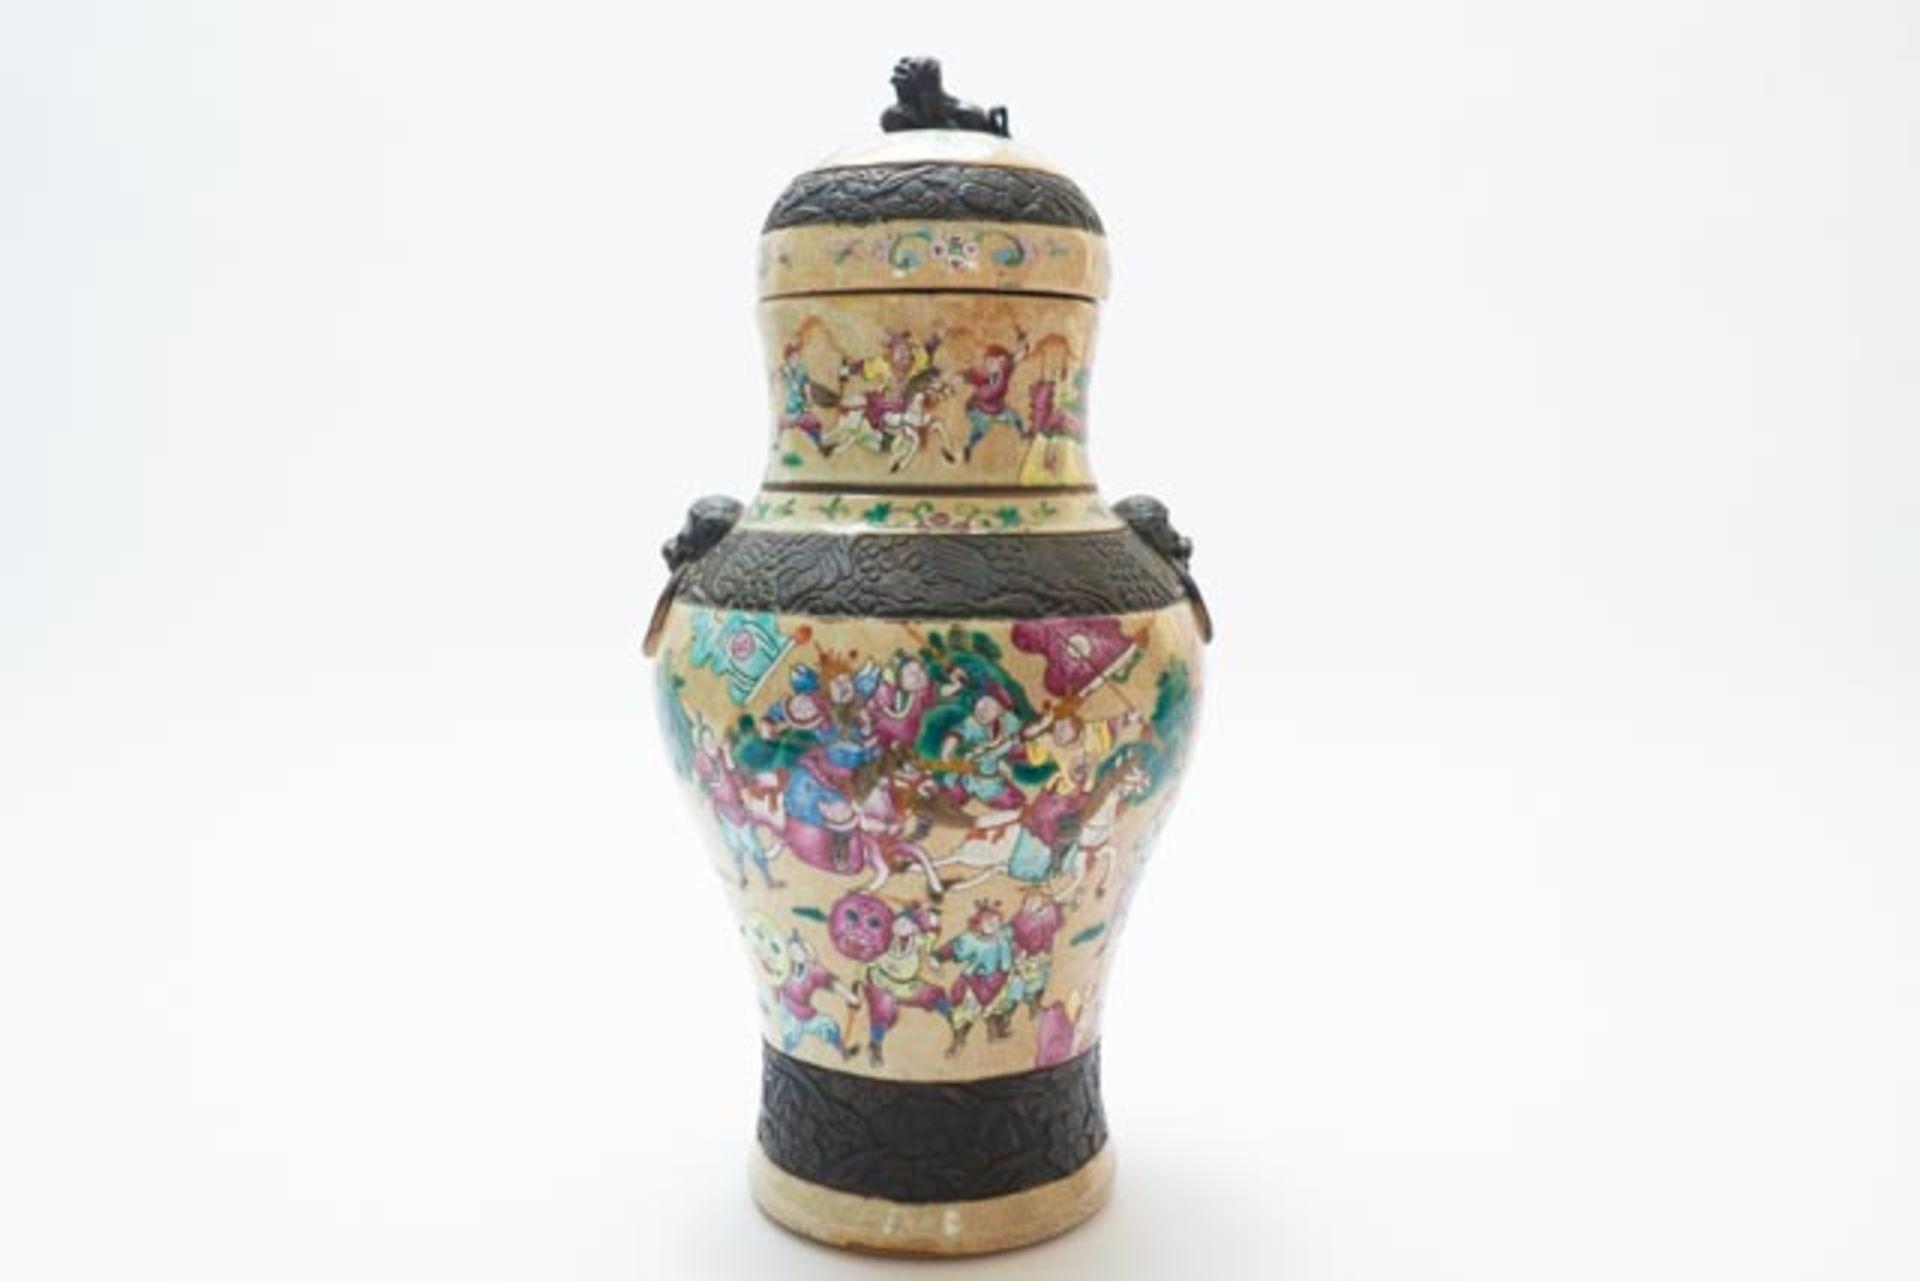 Chinesische Deckelamphore mit Schlachten - Image 3 of 13